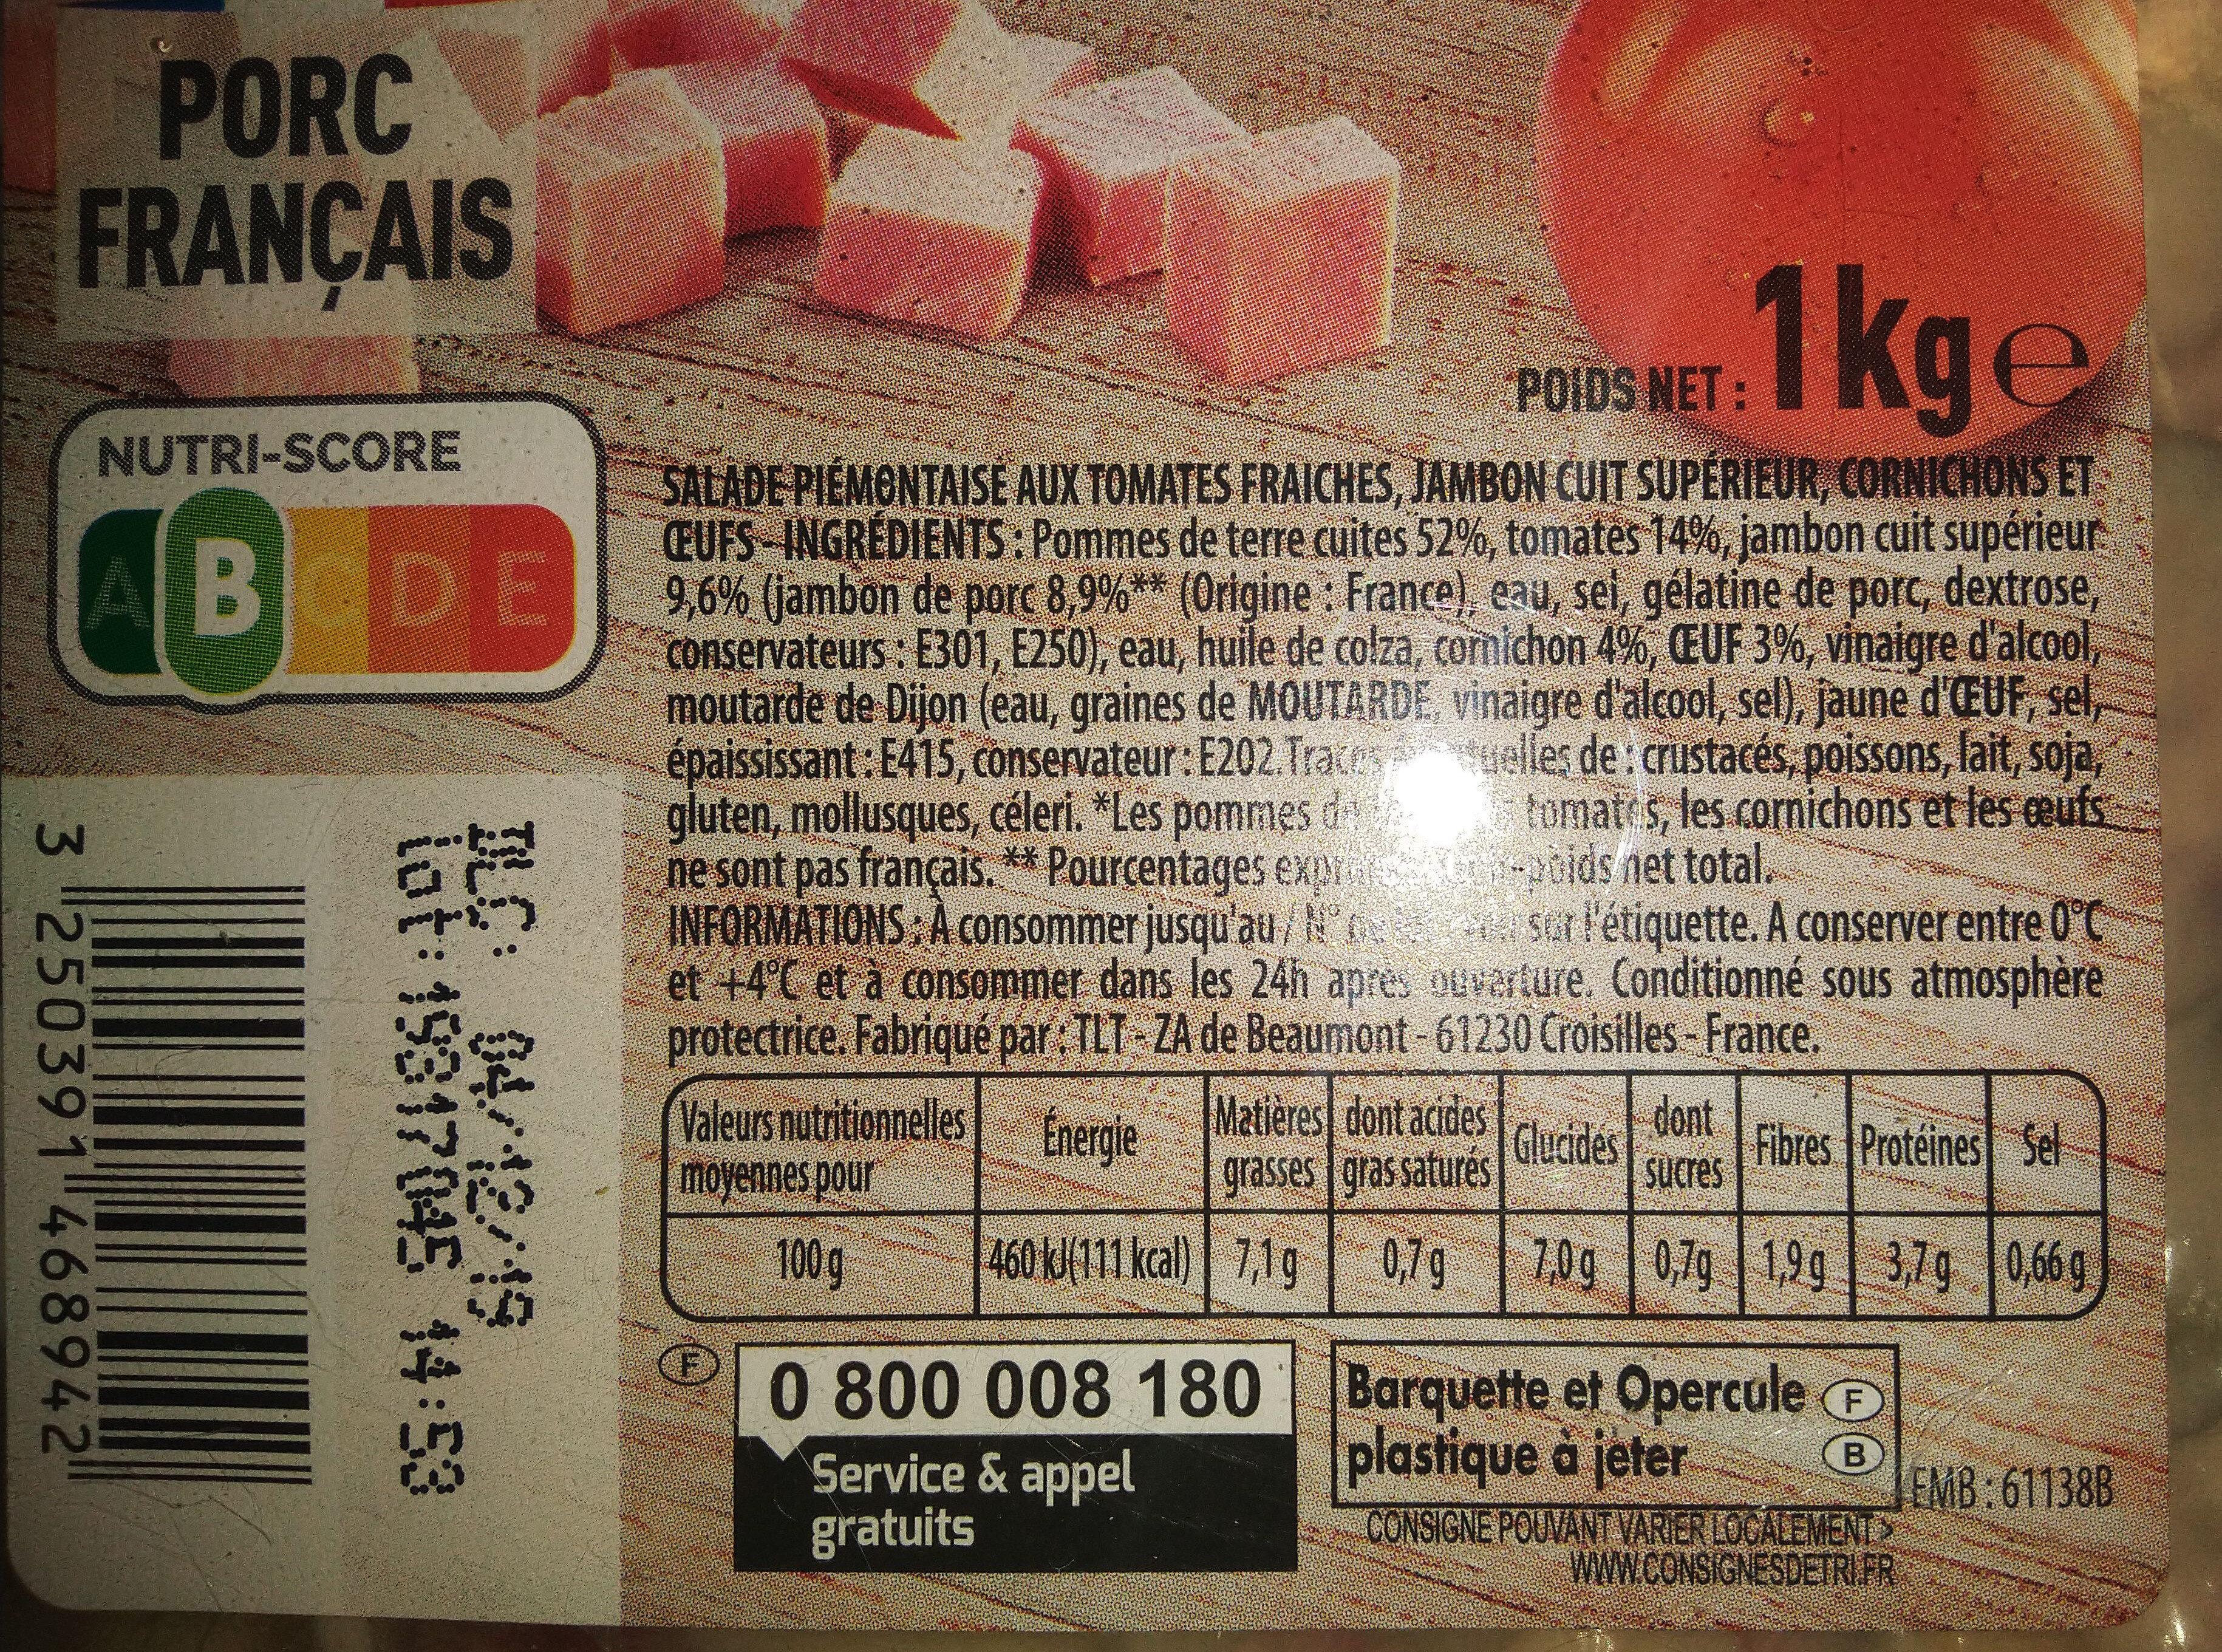 Piémontaise - Jambon Supérieur & tomates fraîches - Ingrédients